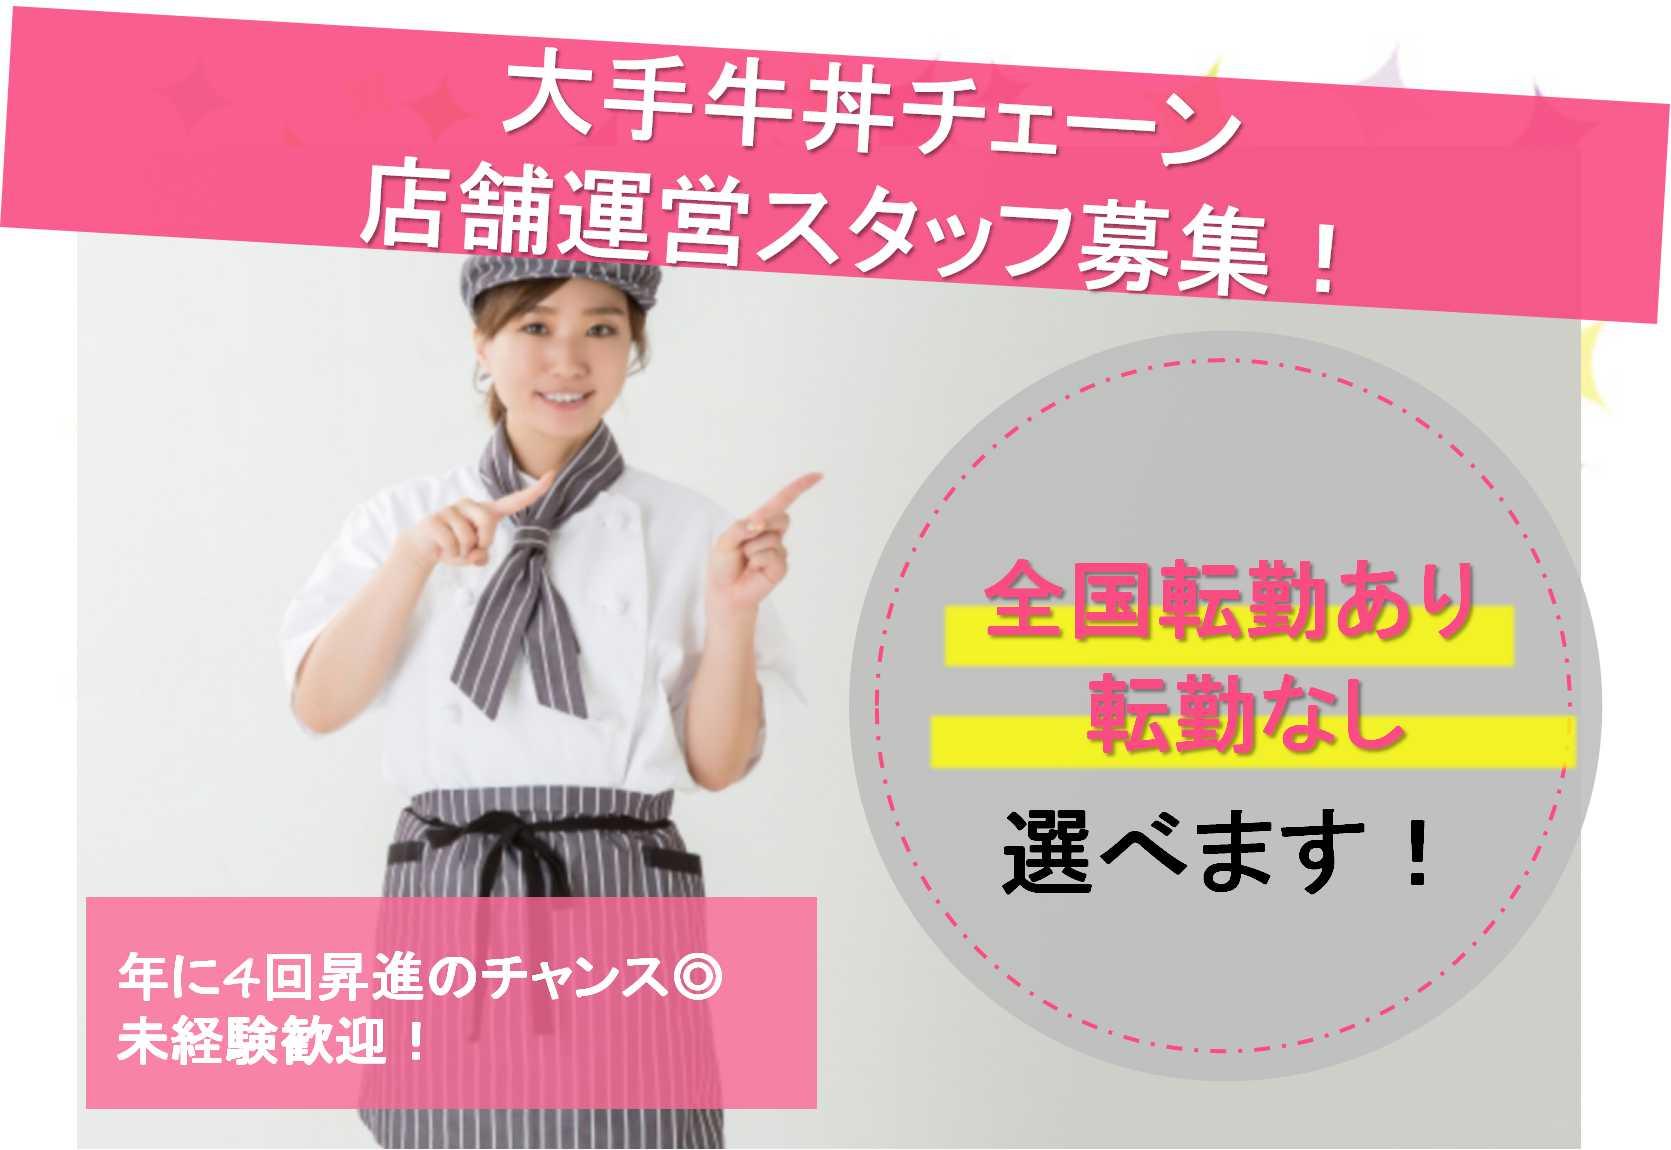 大手牛丼チェーン 店舗運営スタッフ募集!未経験歓迎★キャリアアップ可能!【即面談可能】 イメージ